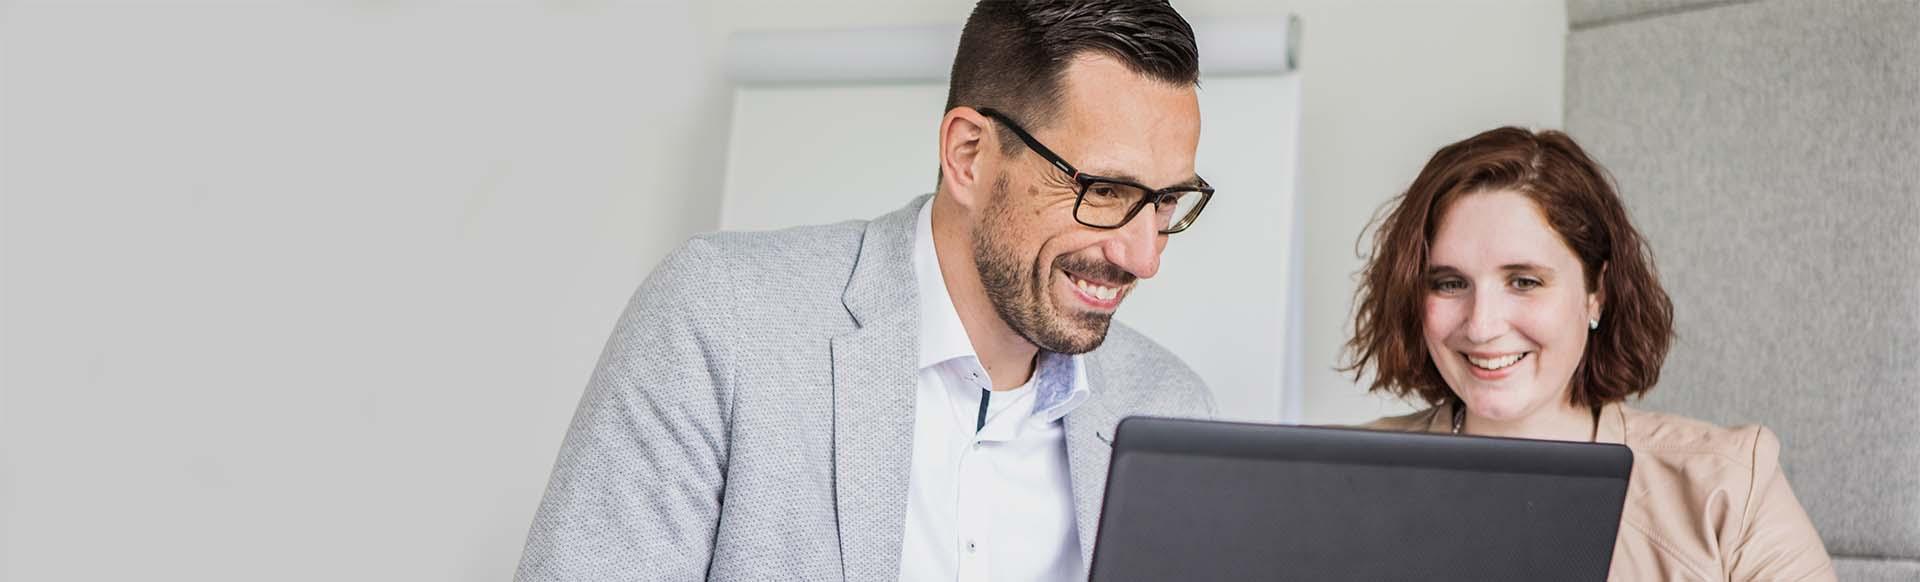 SAP Concur Consulting